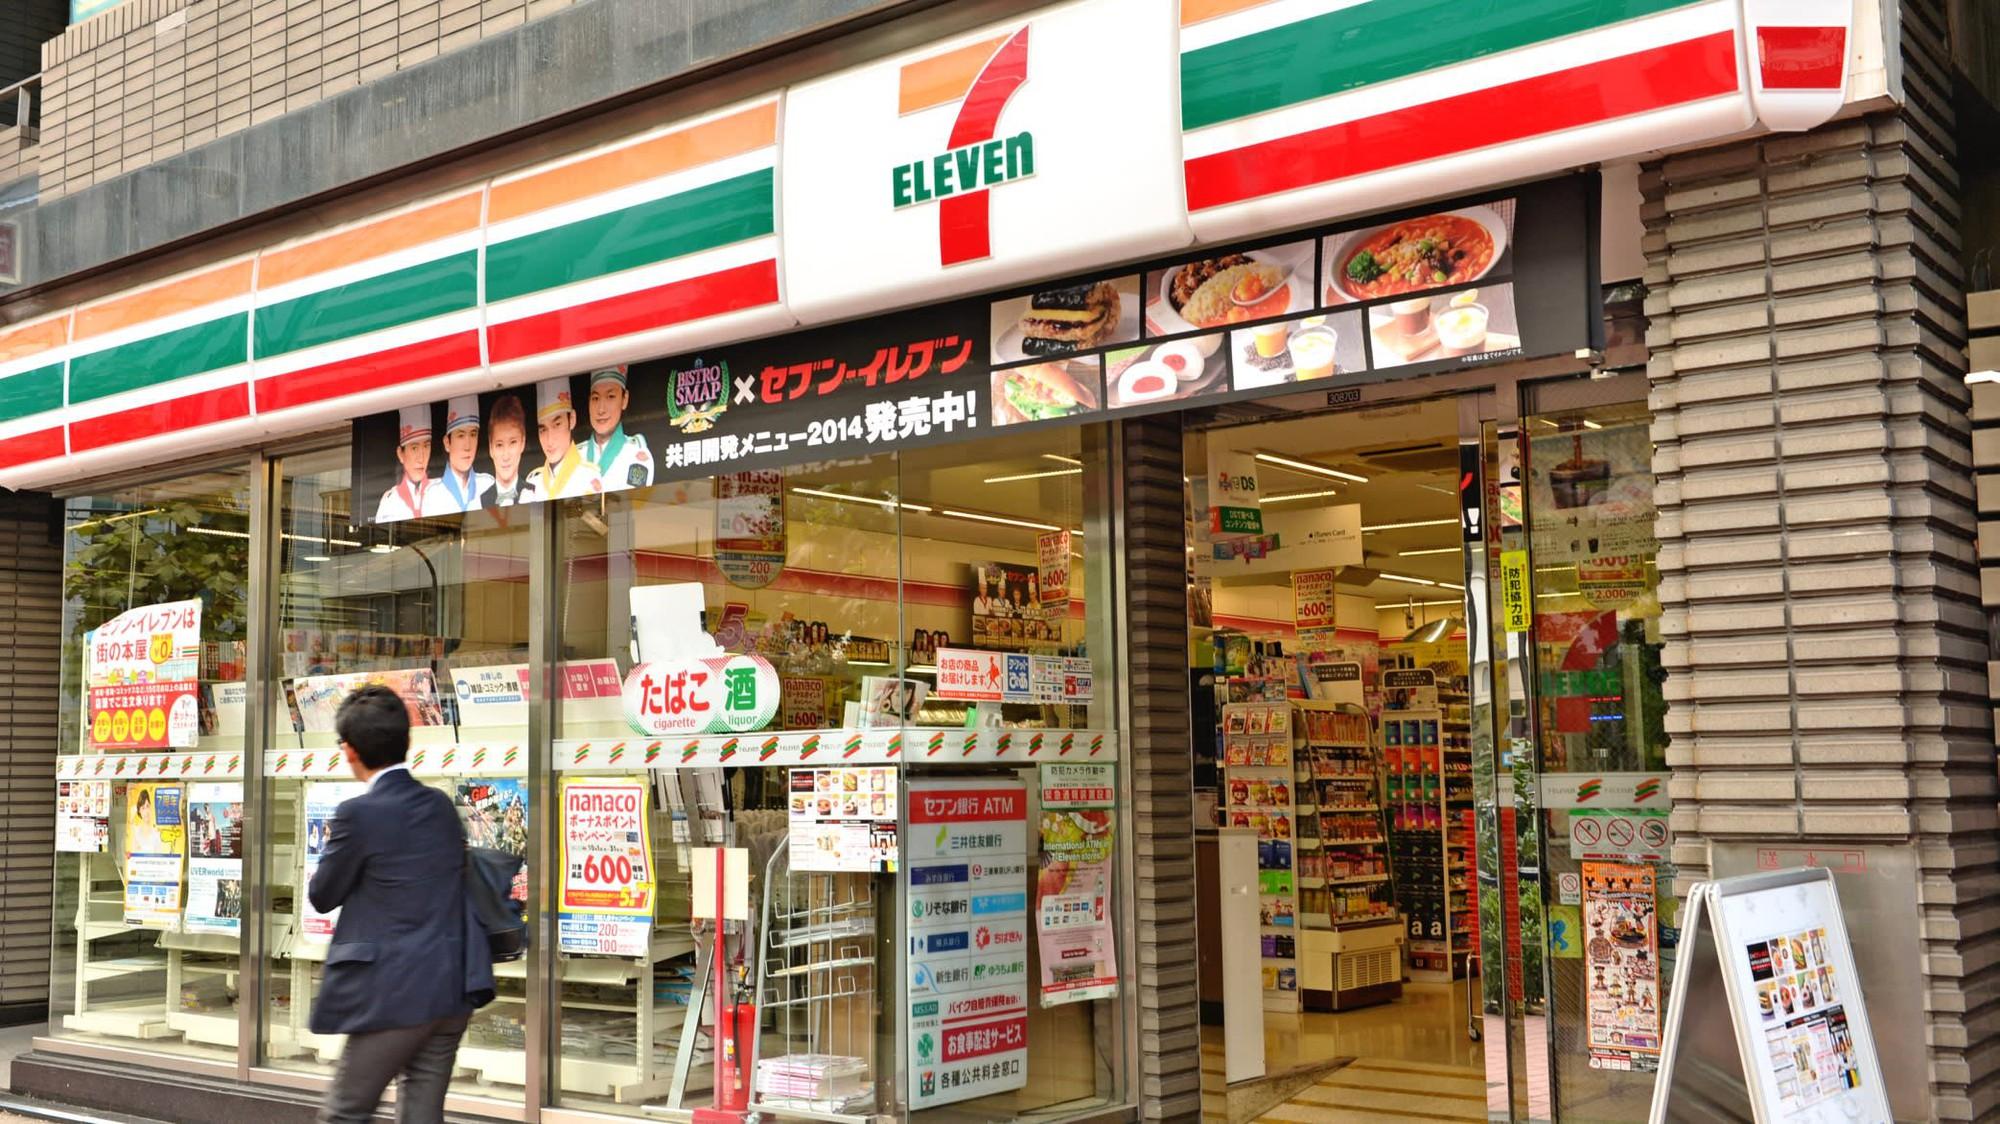 7-Eleven tại Indonesia - thất bại muối mặt của chuỗi cửa hàng tiện lợi đình đám và bài học xương máu: Chỉ nổi tiếng thôi là chưa đủ - Ảnh 7.